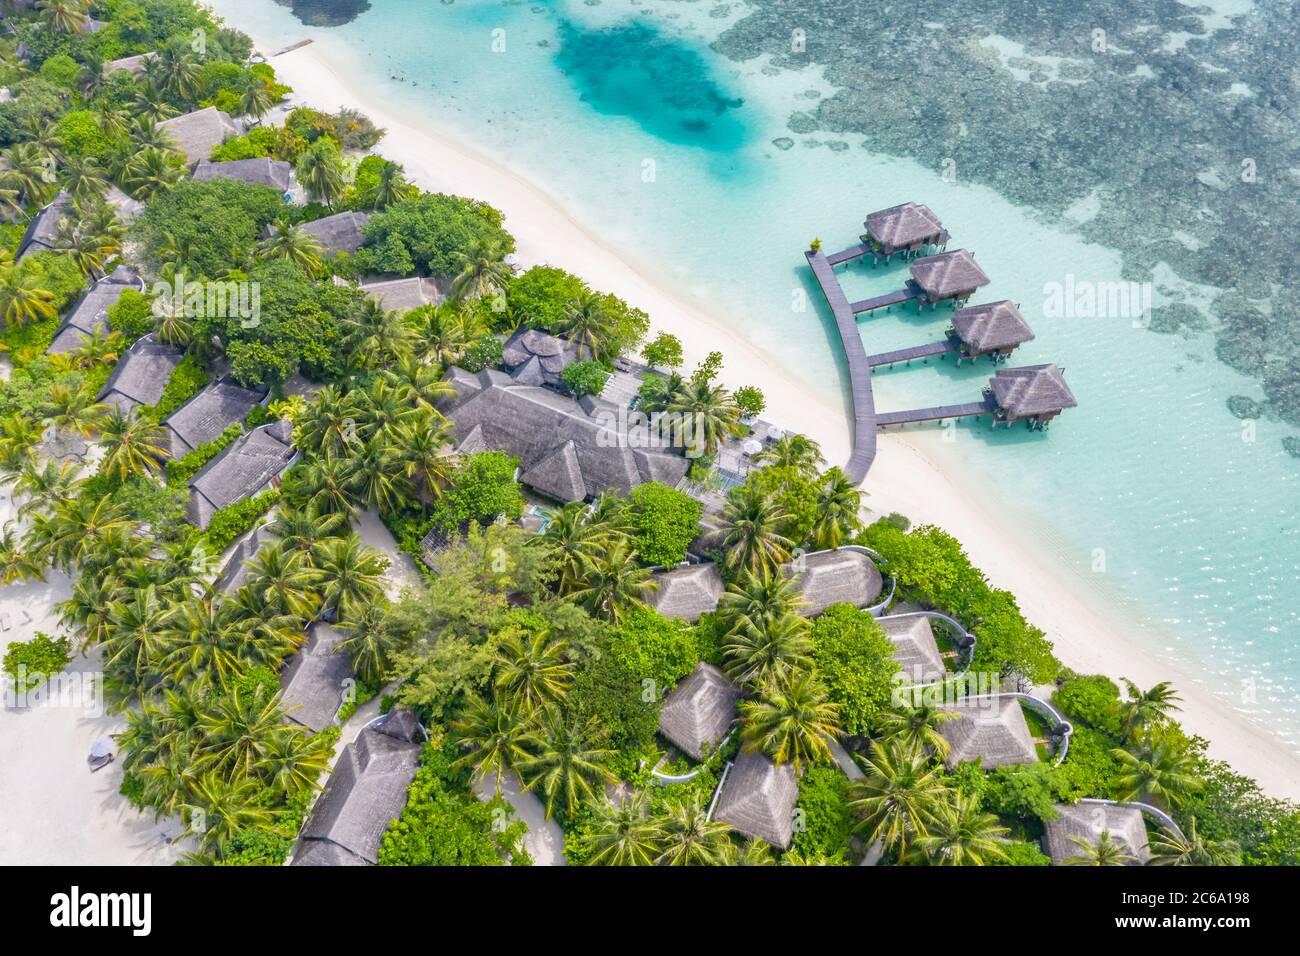 Perfetto paesaggio aereo, resort tropicale di lusso o hotel con ville sull'acqua e splendidi paesaggi sulla spiaggia. Incredibile vista degli occhi di uccelli nelle Maldive, paesaggio Foto Stock